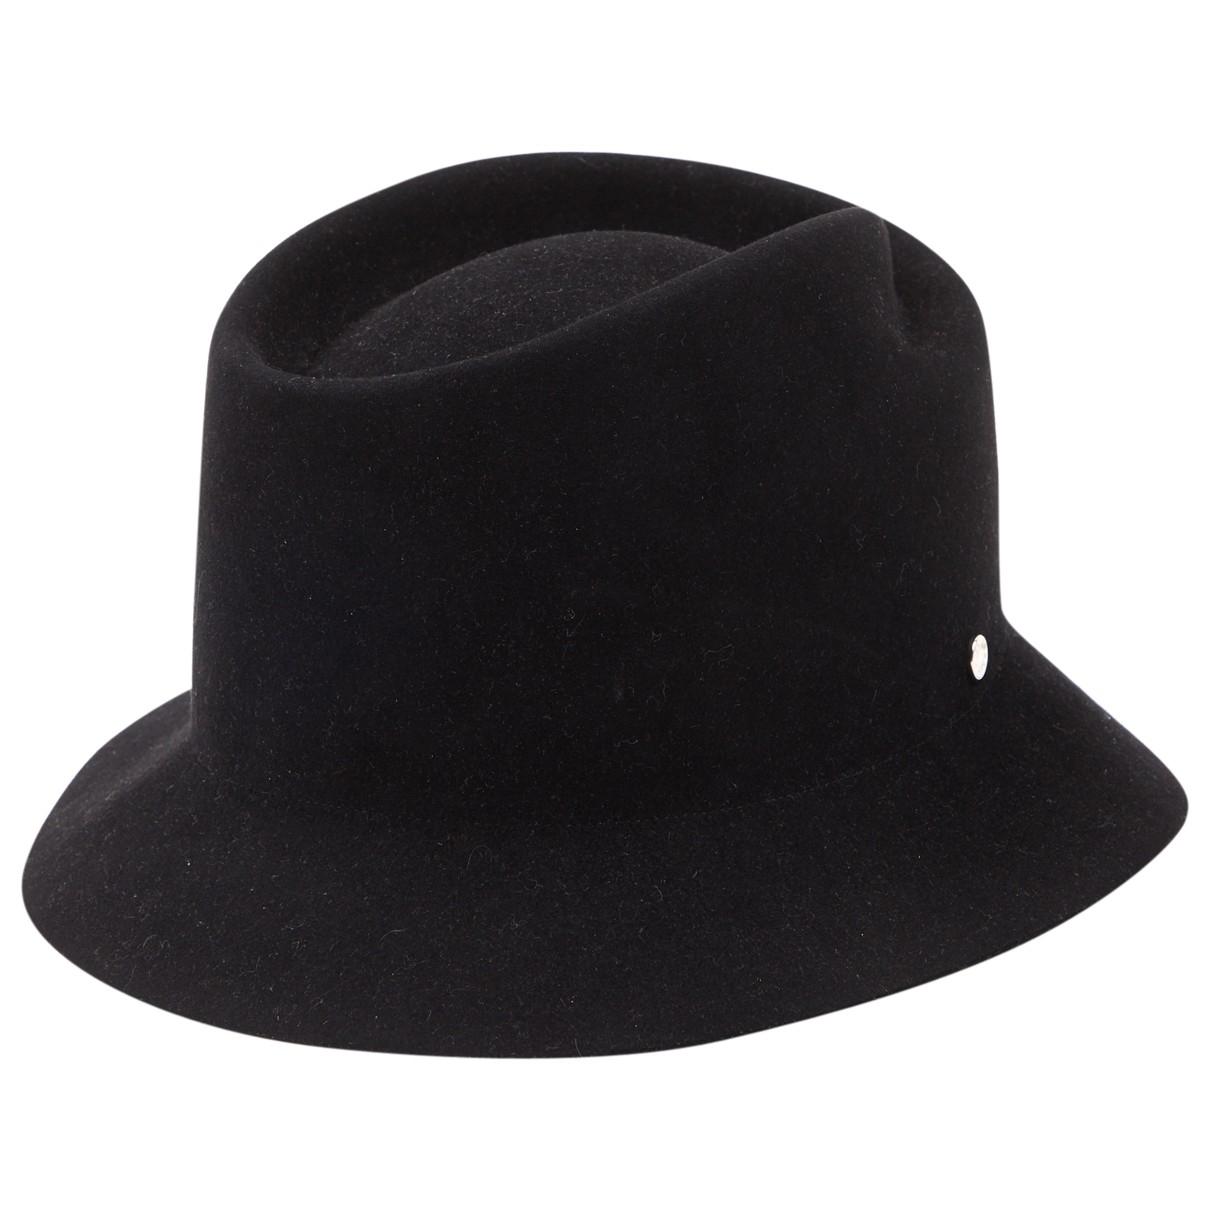 Hermes \N Hut, Muetzen in  Schwarz Wolle